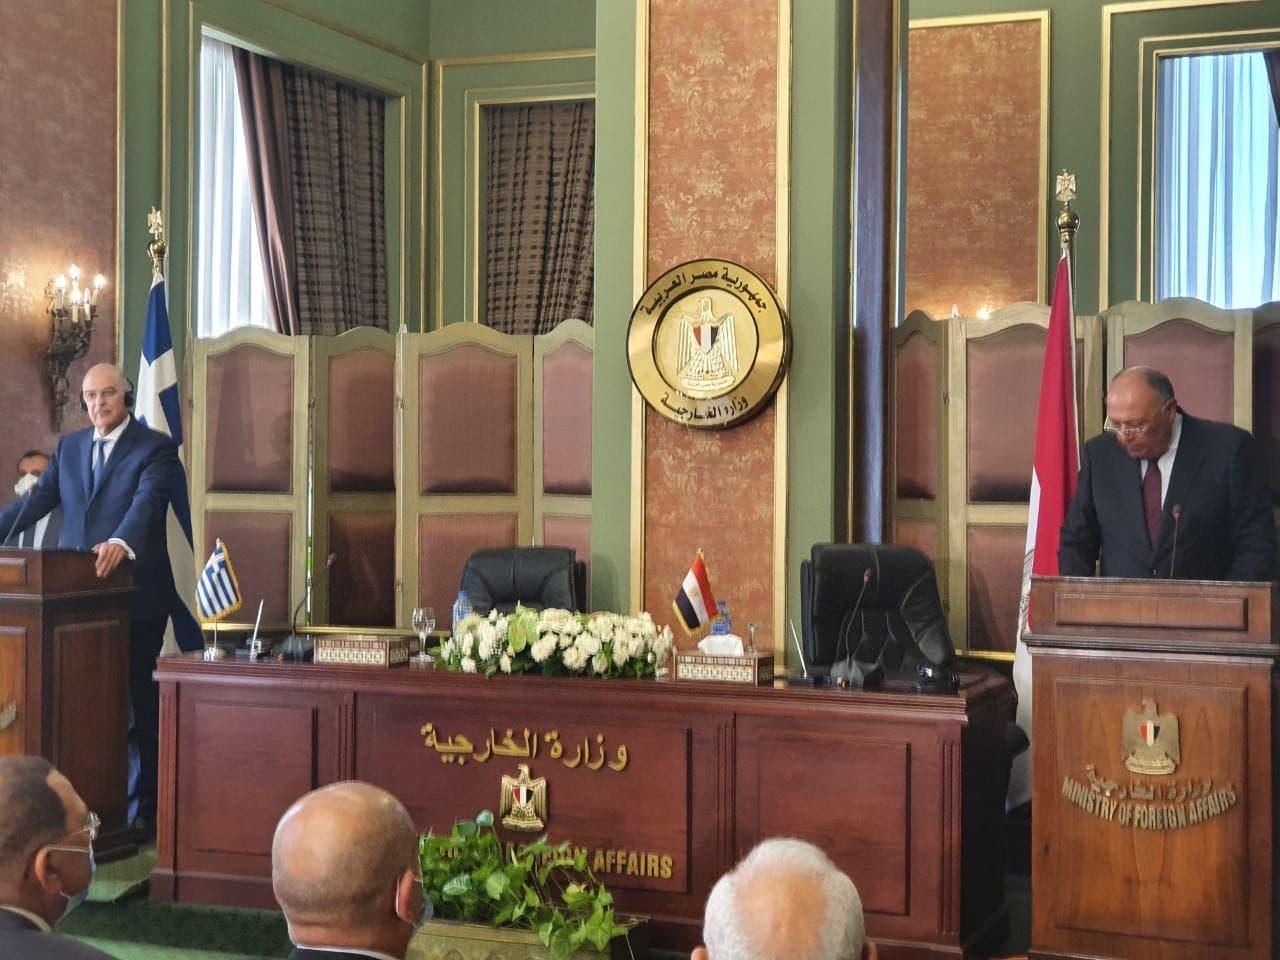 من الموتمر الصحفي لوزيري خارجية مصر واليونان بعيد توقيع الاتفاق